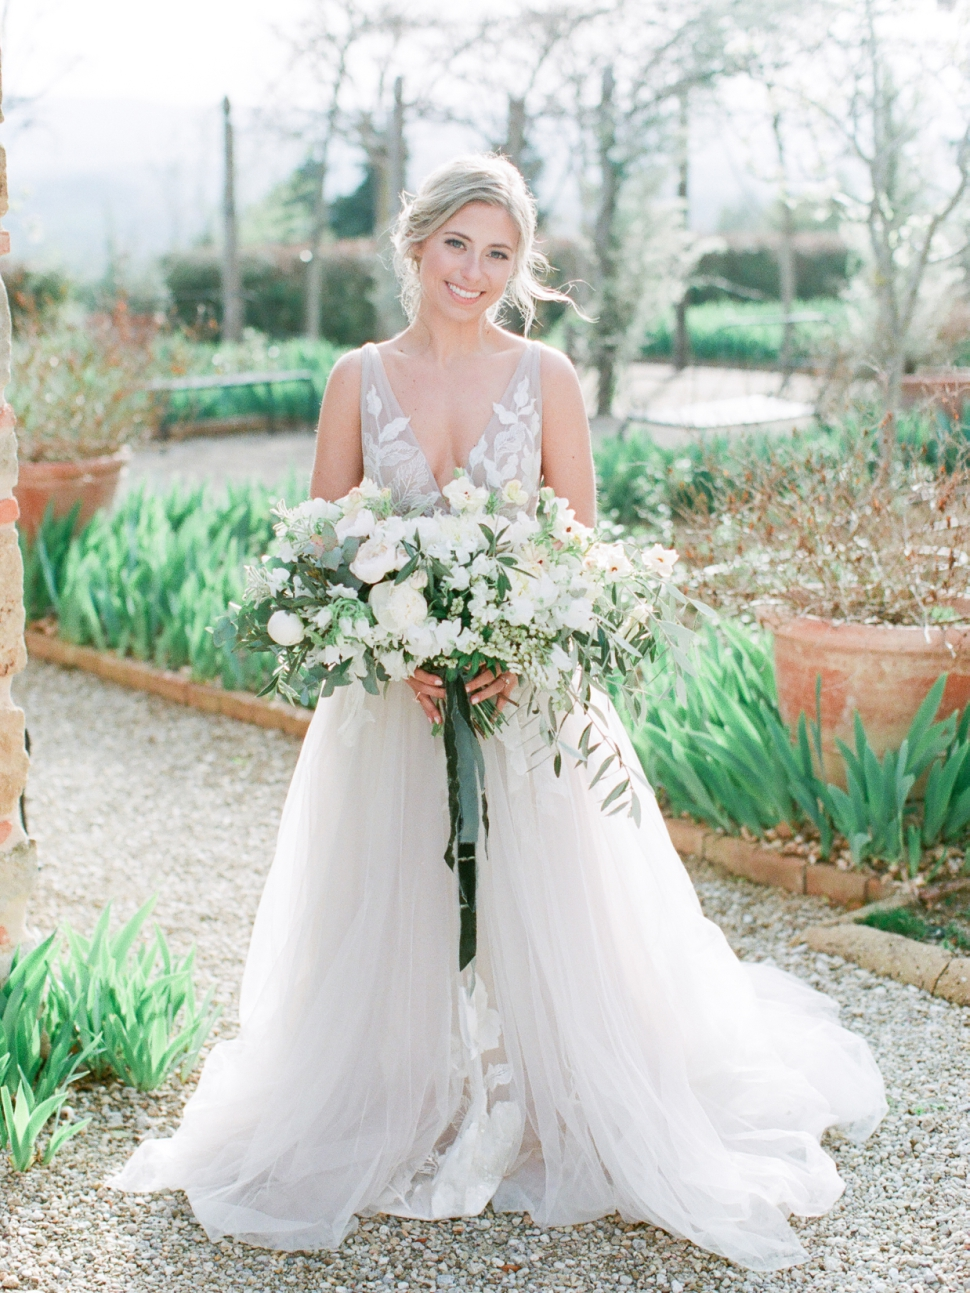 Tuscany-Destination-Wedding-Photographer-Cassi-Claire-Borgo-Petrognano-Florence-Wedding-18.jpg